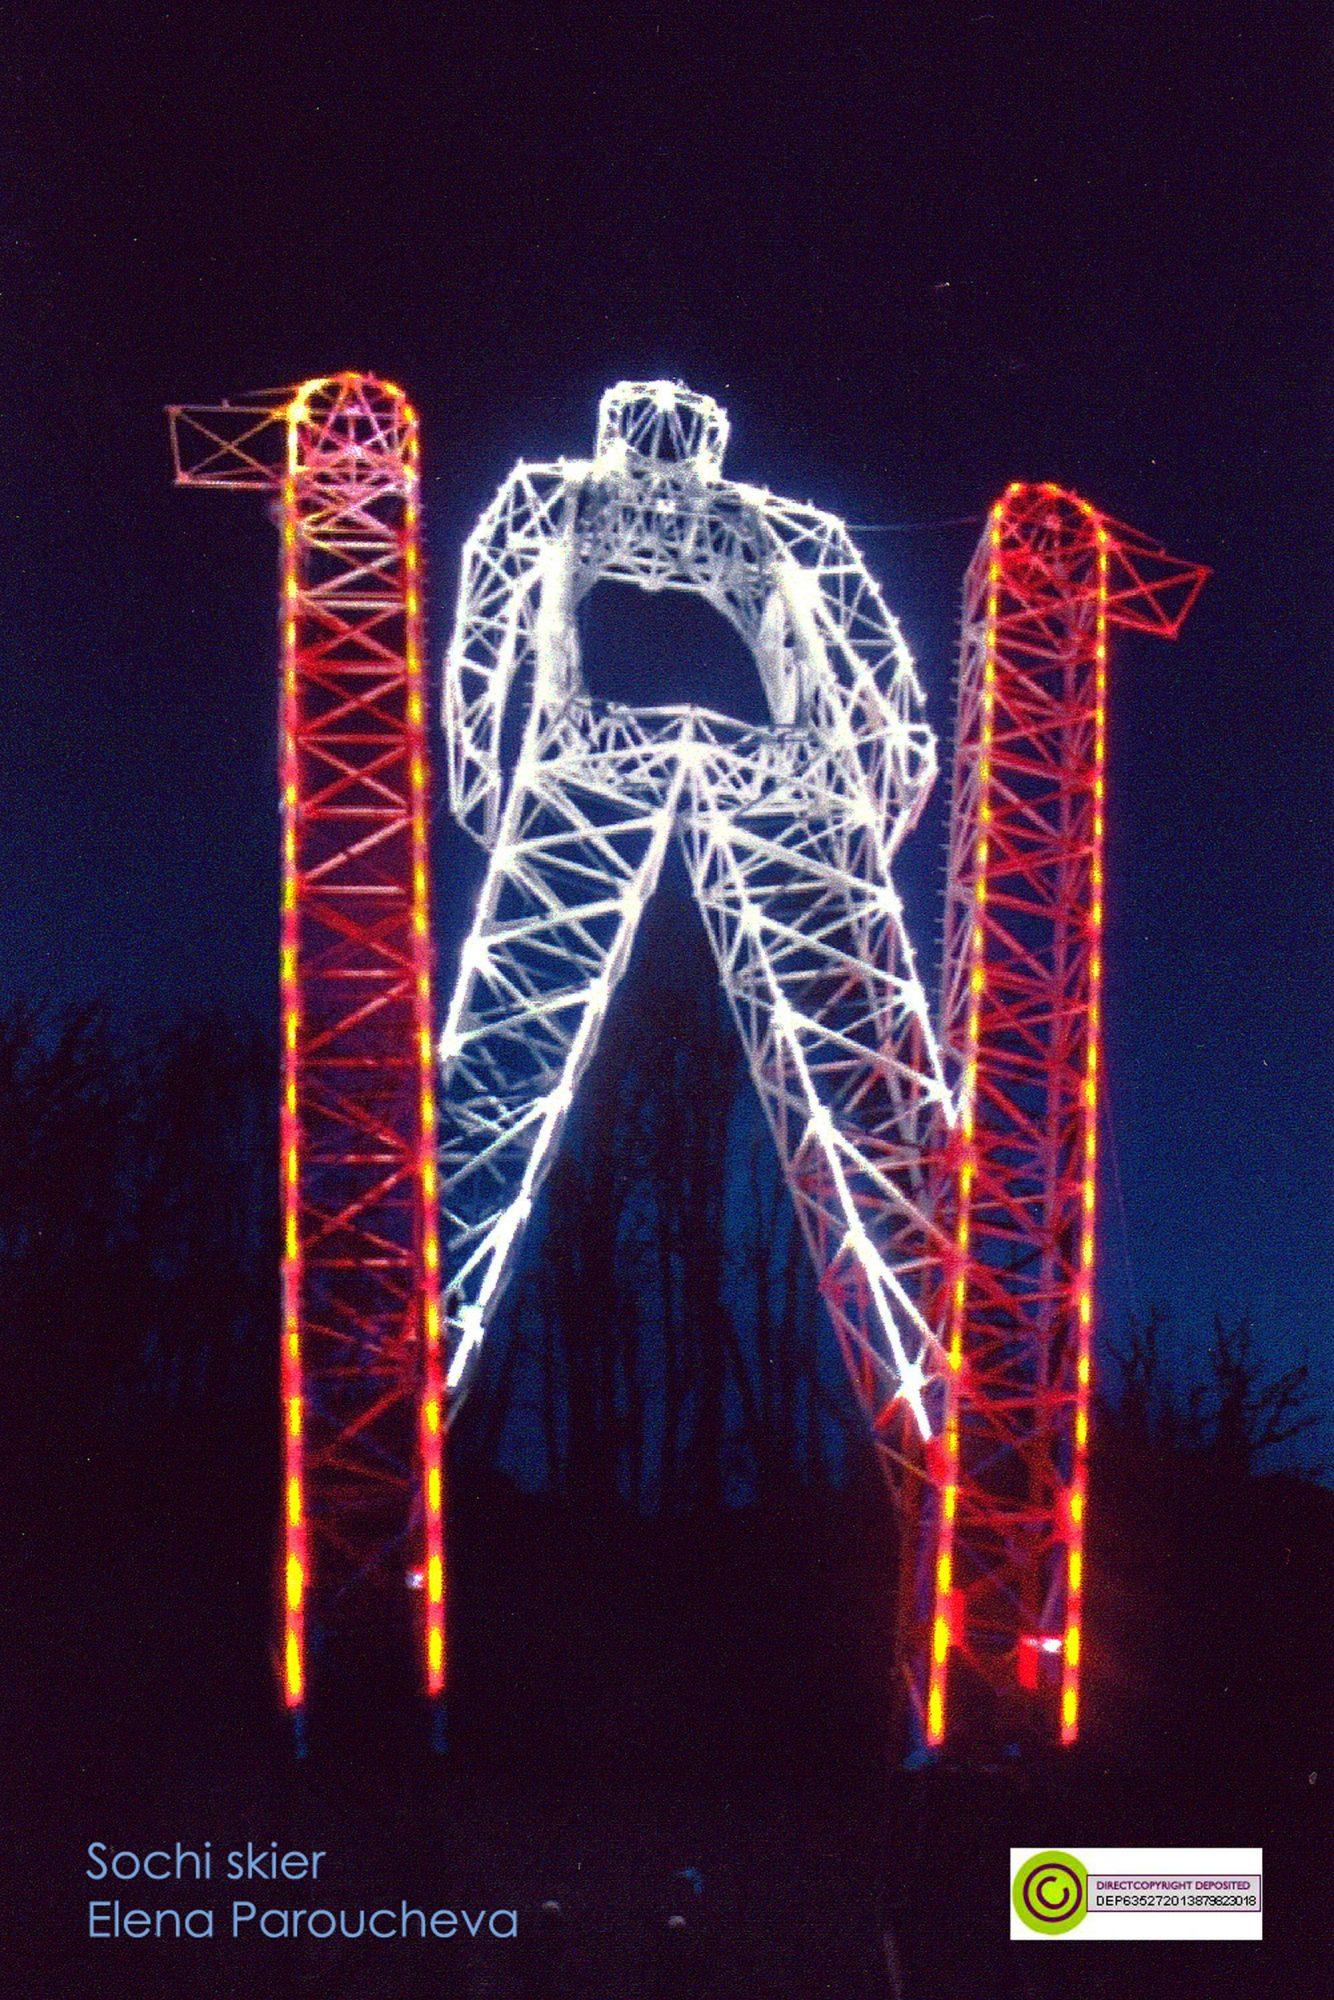 Sochi Skier, monumental sculpture